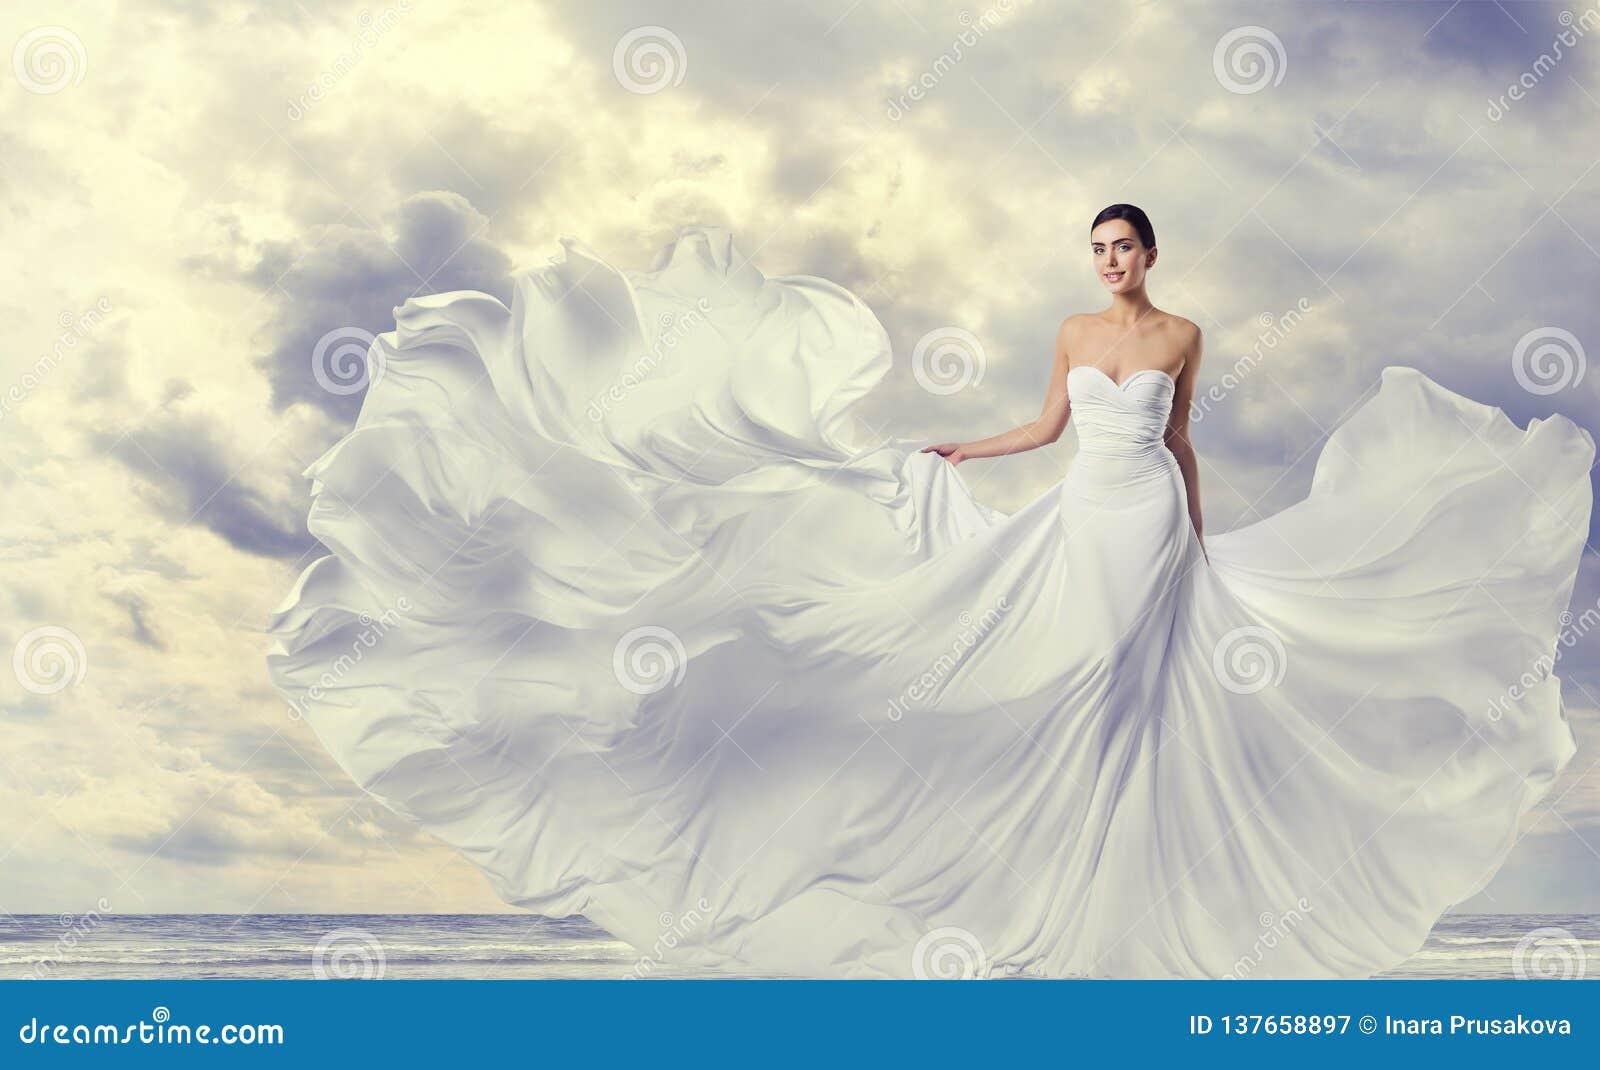 Vestido branco da mulher, modelo de forma no vestido de vibração de seda longo, pano de voo de ondulação no vento